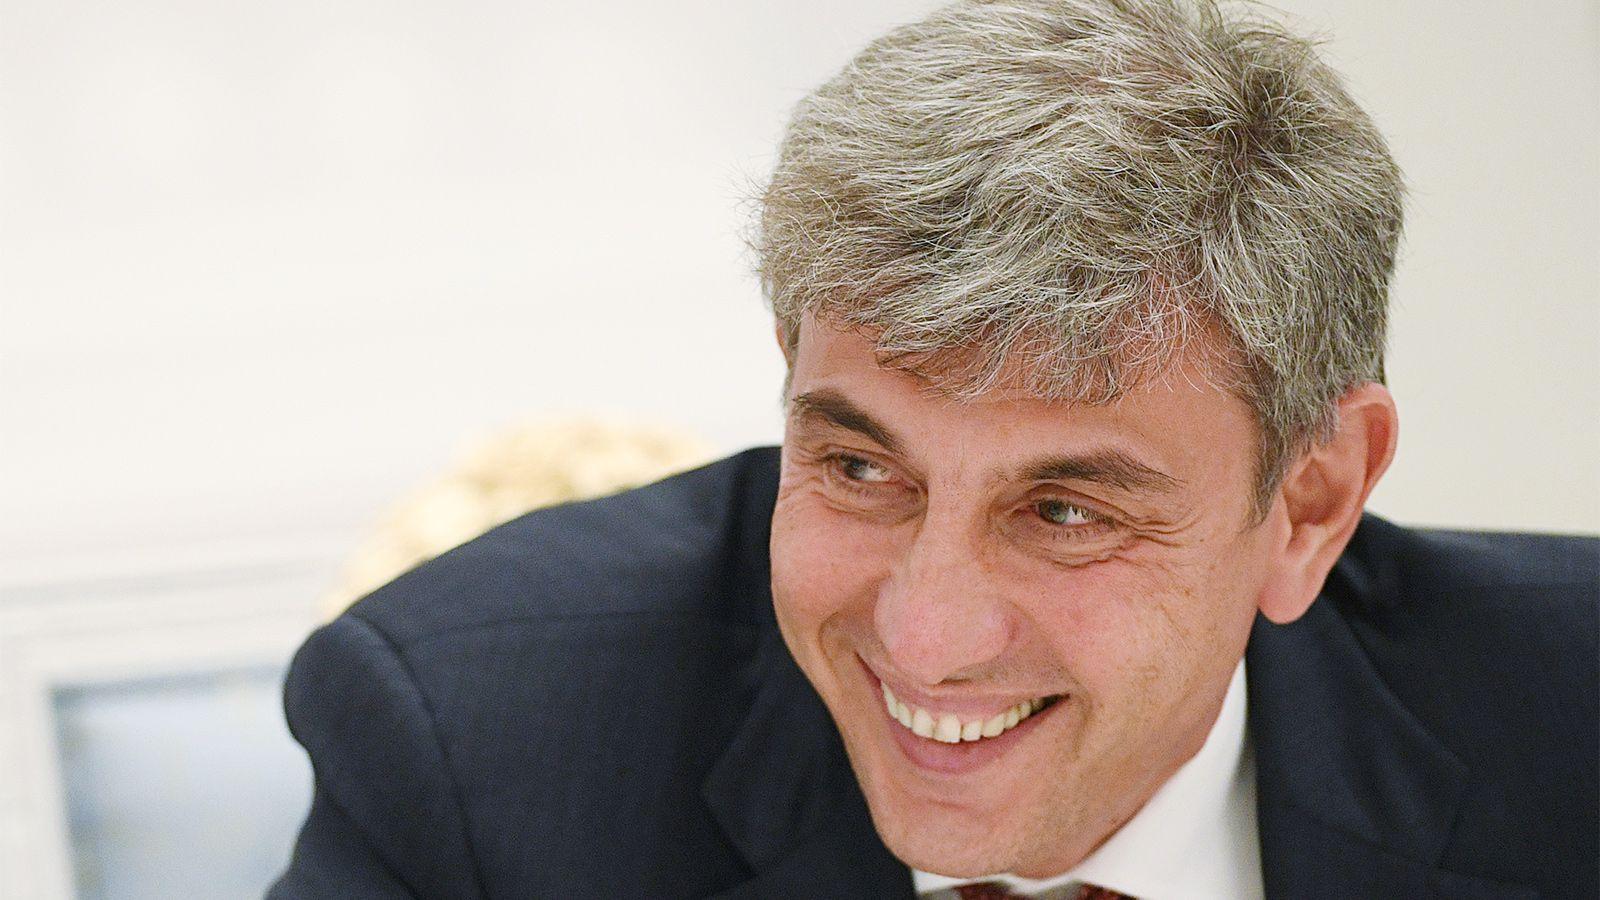 Галицкий планирует открыть три ресторана вКраснодаре